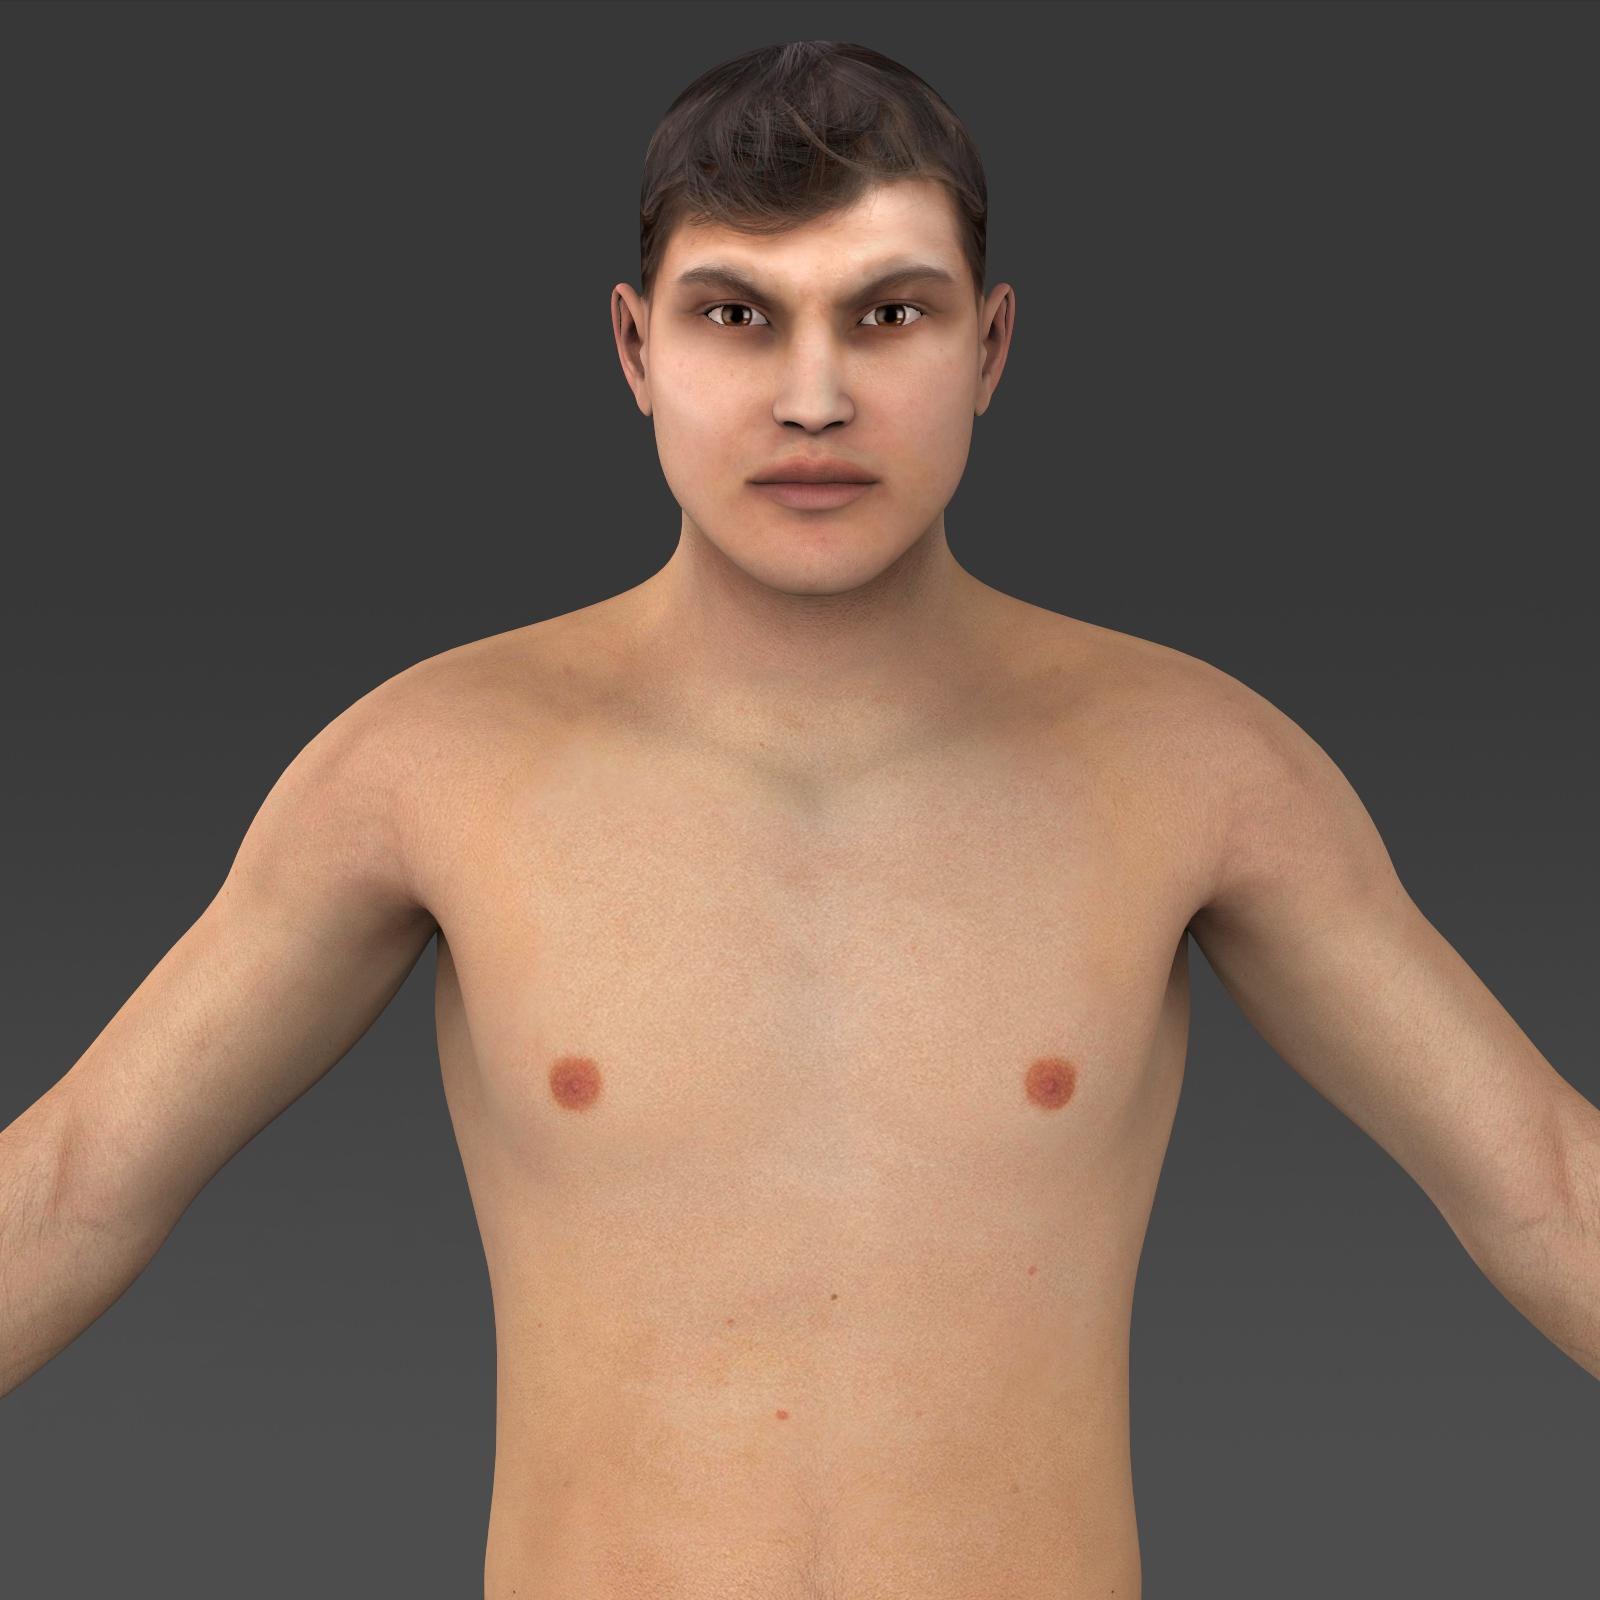 realistic young muscular man 3d model 3ds max fbx c4d lwo ma mb texture obj 161434